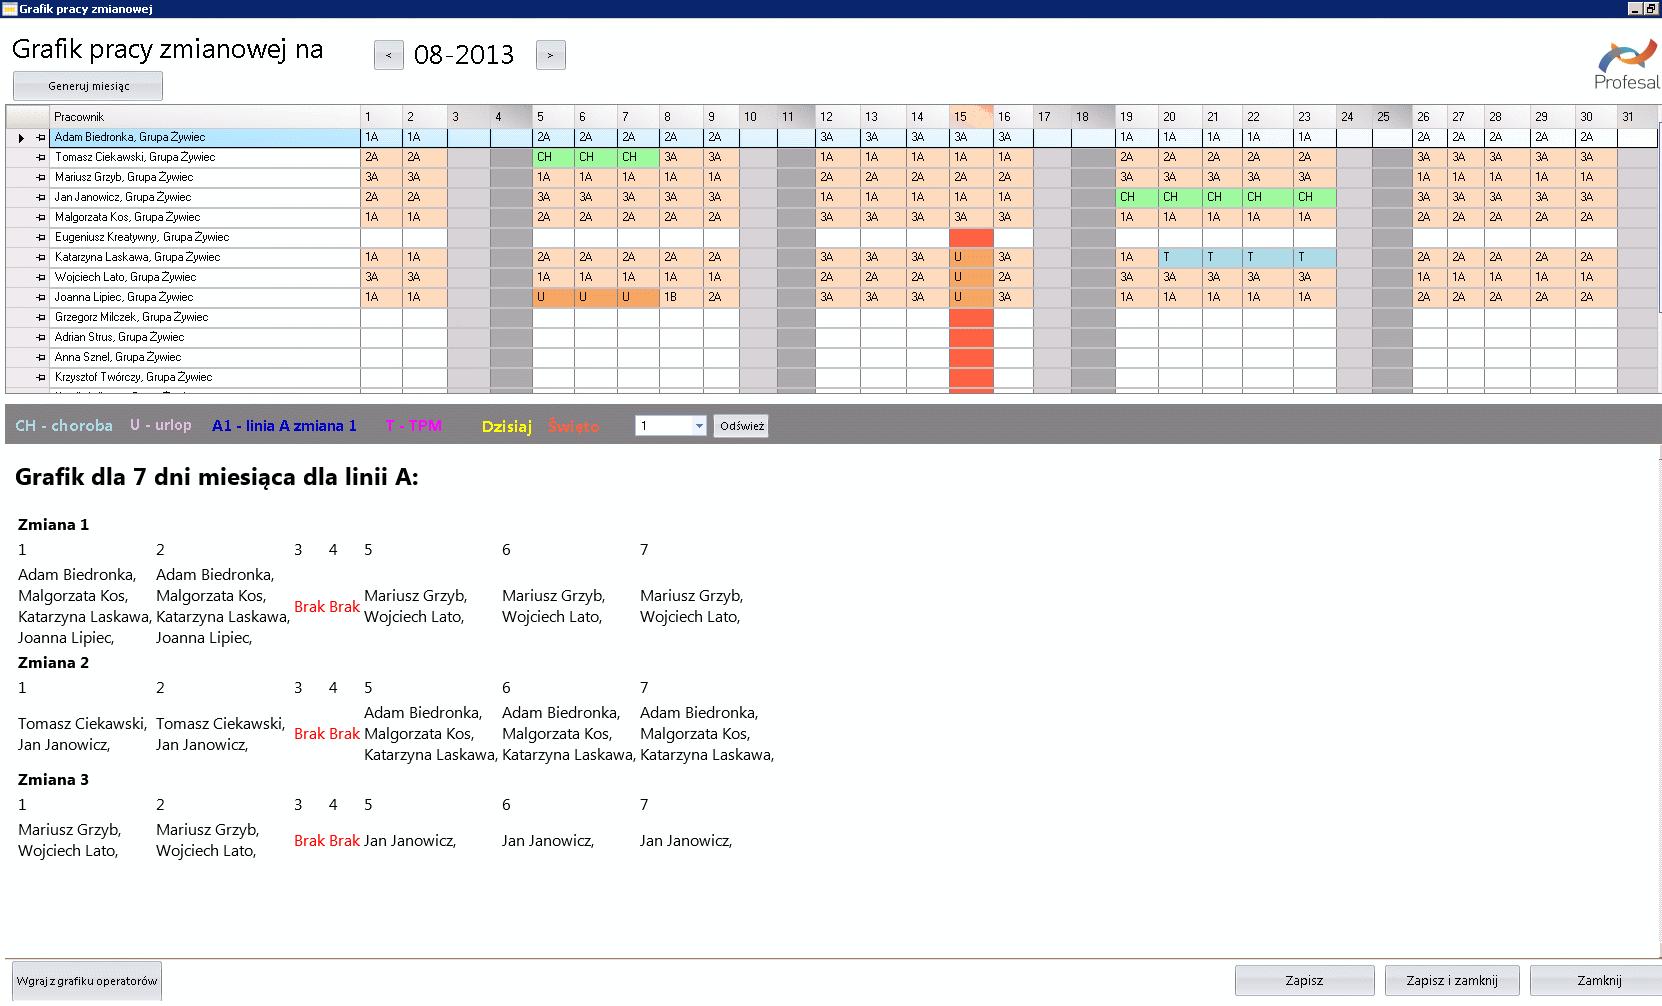 Zrzut ekranu z panelu tworzenia grafiku pracy zmianowej na dany miesiąc